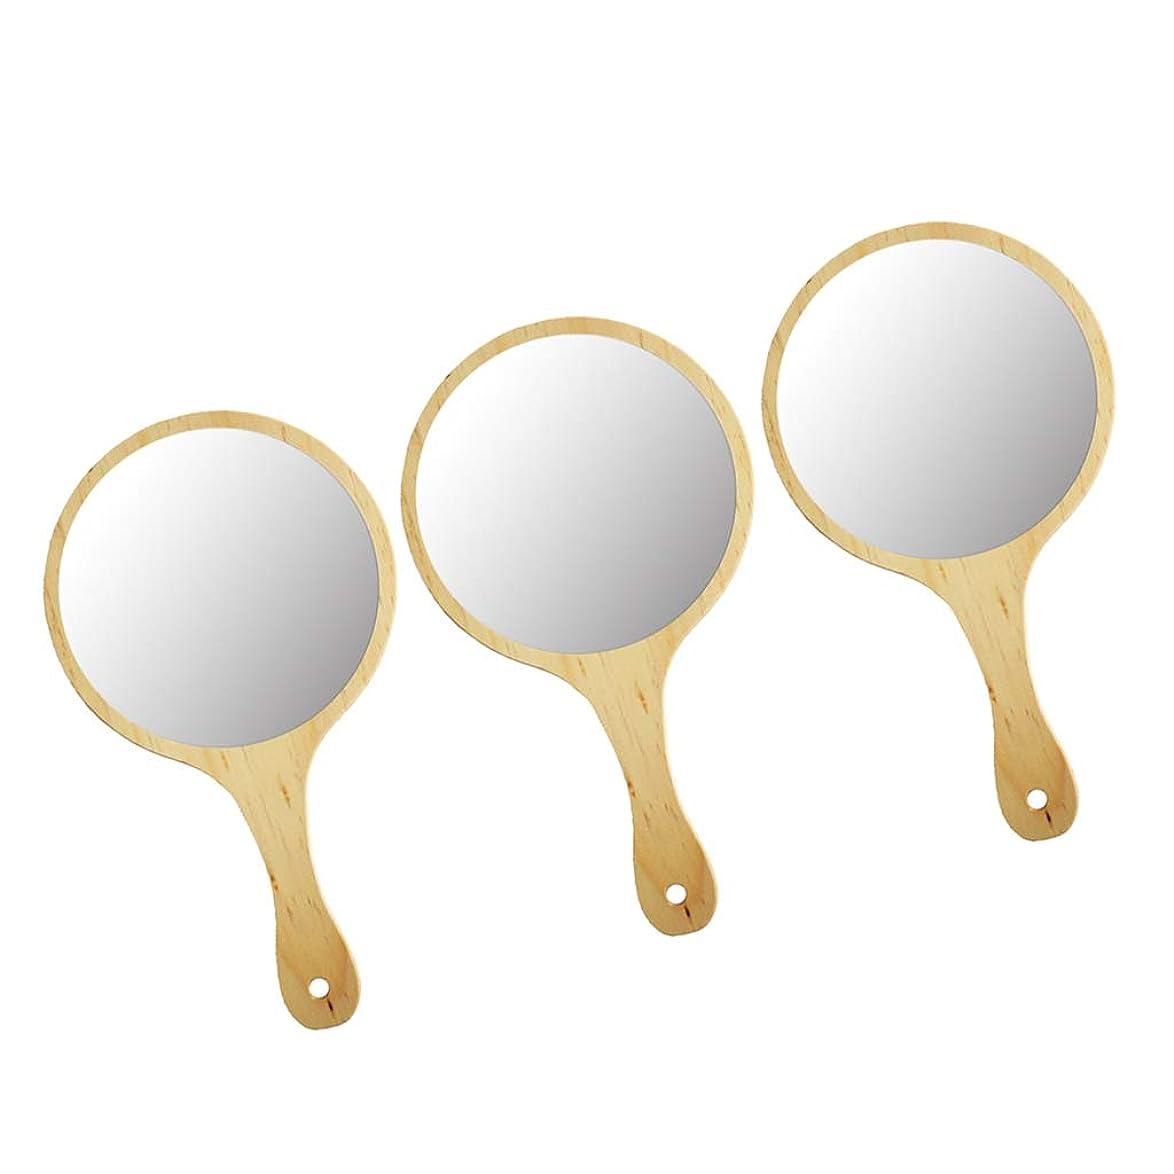 好意的チューインガム隠すCUTICATE 化粧鏡 手持ち ハンドミラー メイクアップミラー 木製ハンドル フレーム メイク 化粧 フェイスケア 3個